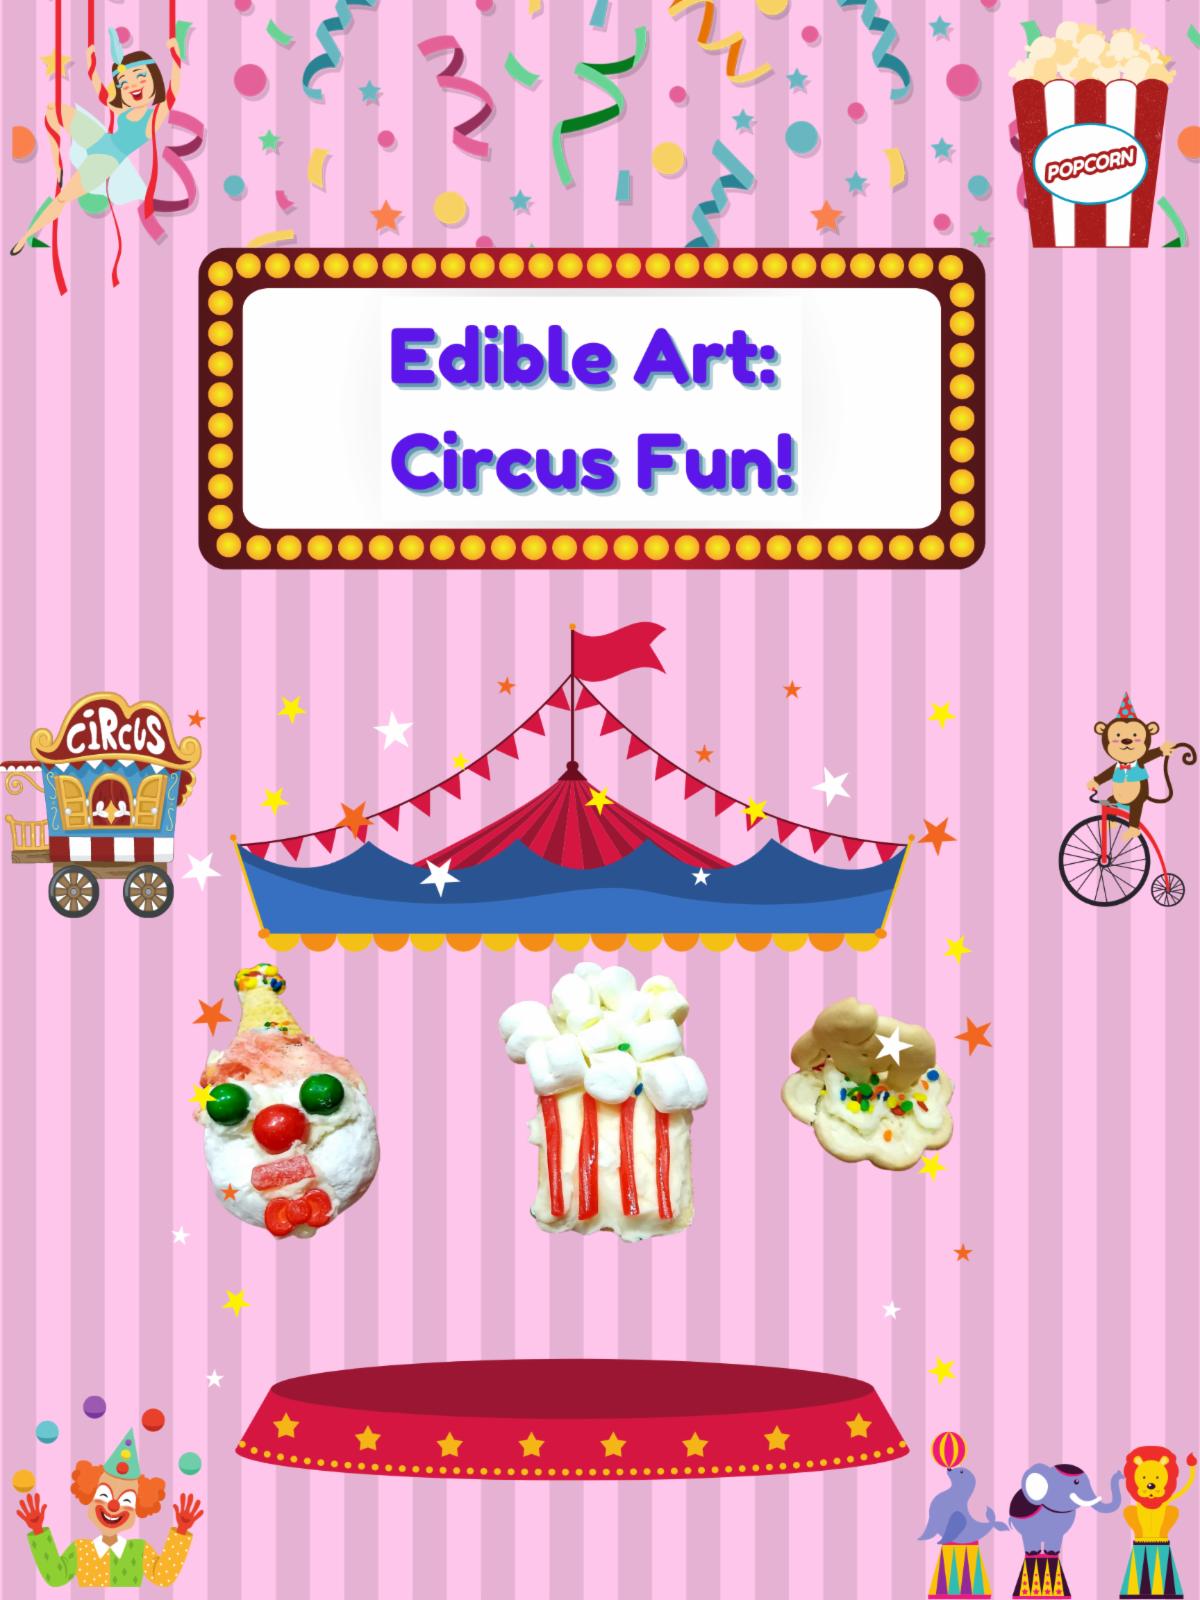 Poster Circus Fun Edible Art.png